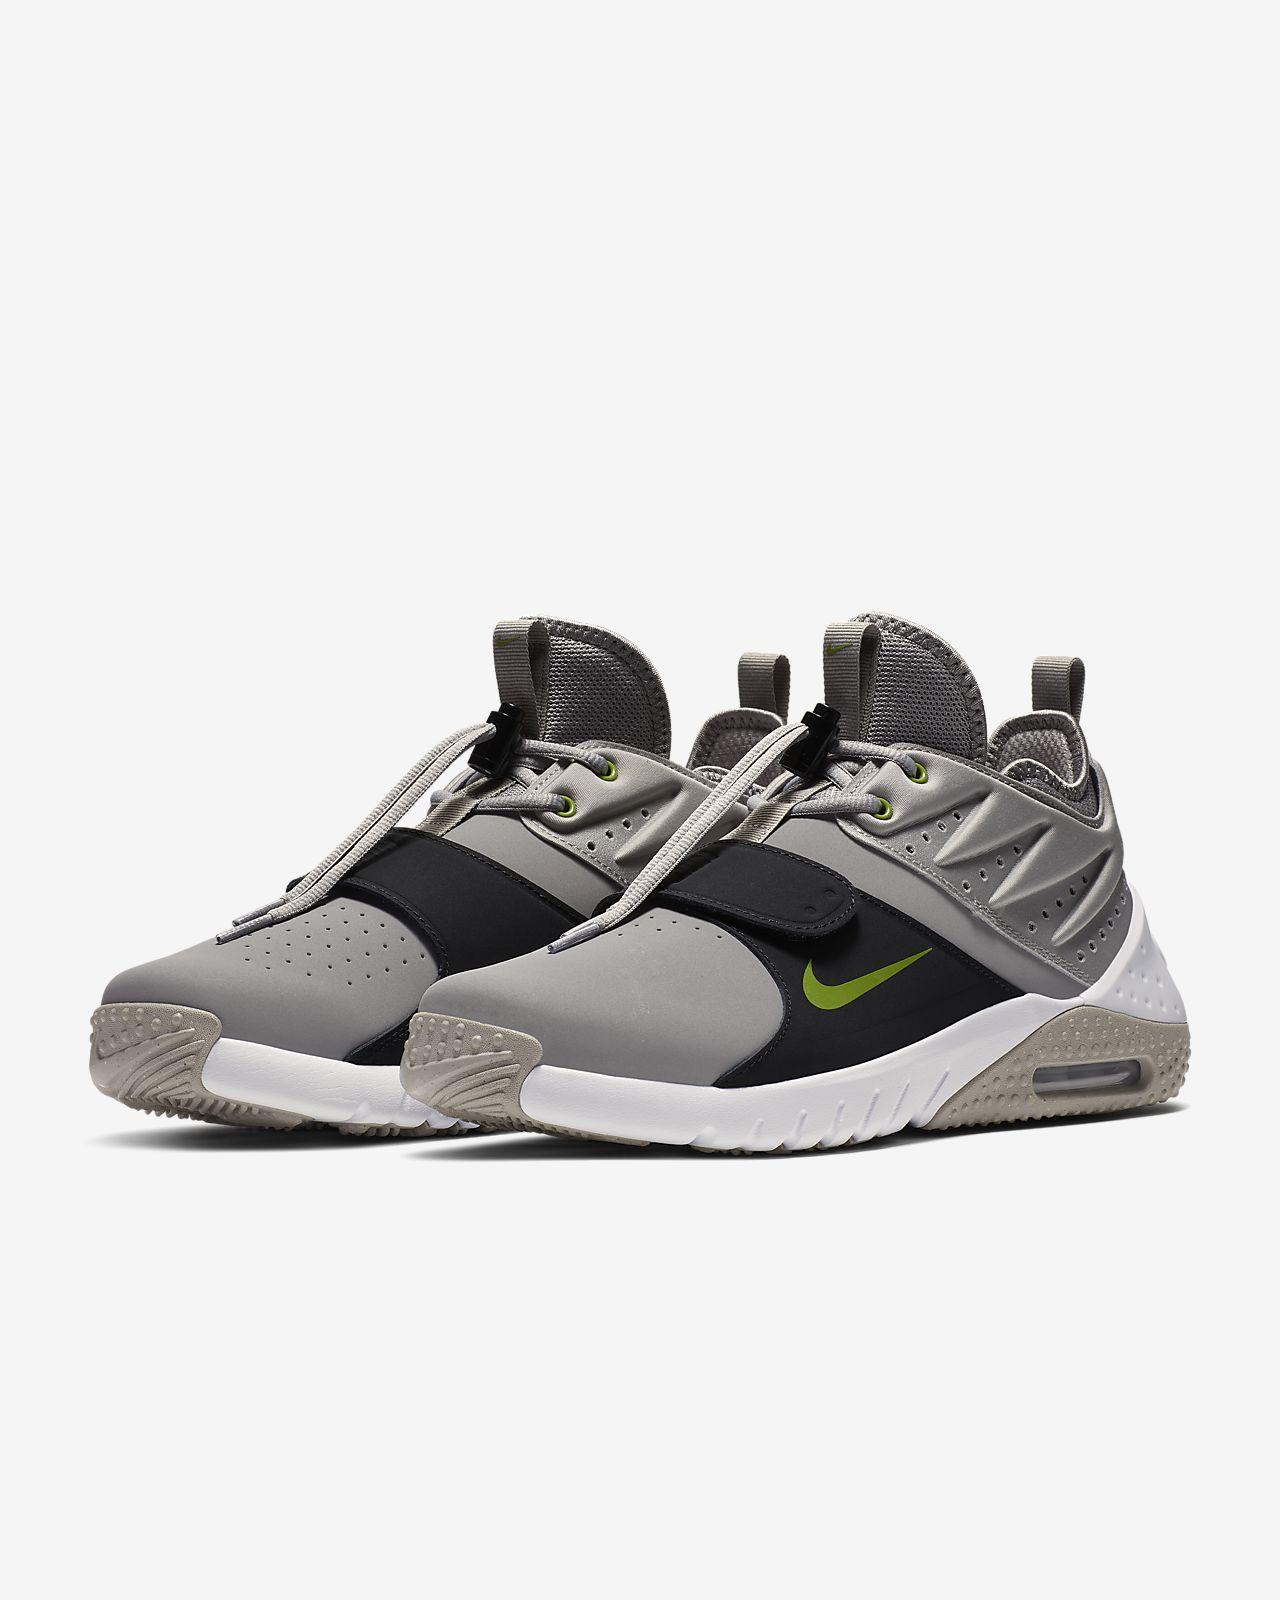 788f665b0ae Calzado de entrenamiento para hombre Nike Air Max Trainer 1 . ...